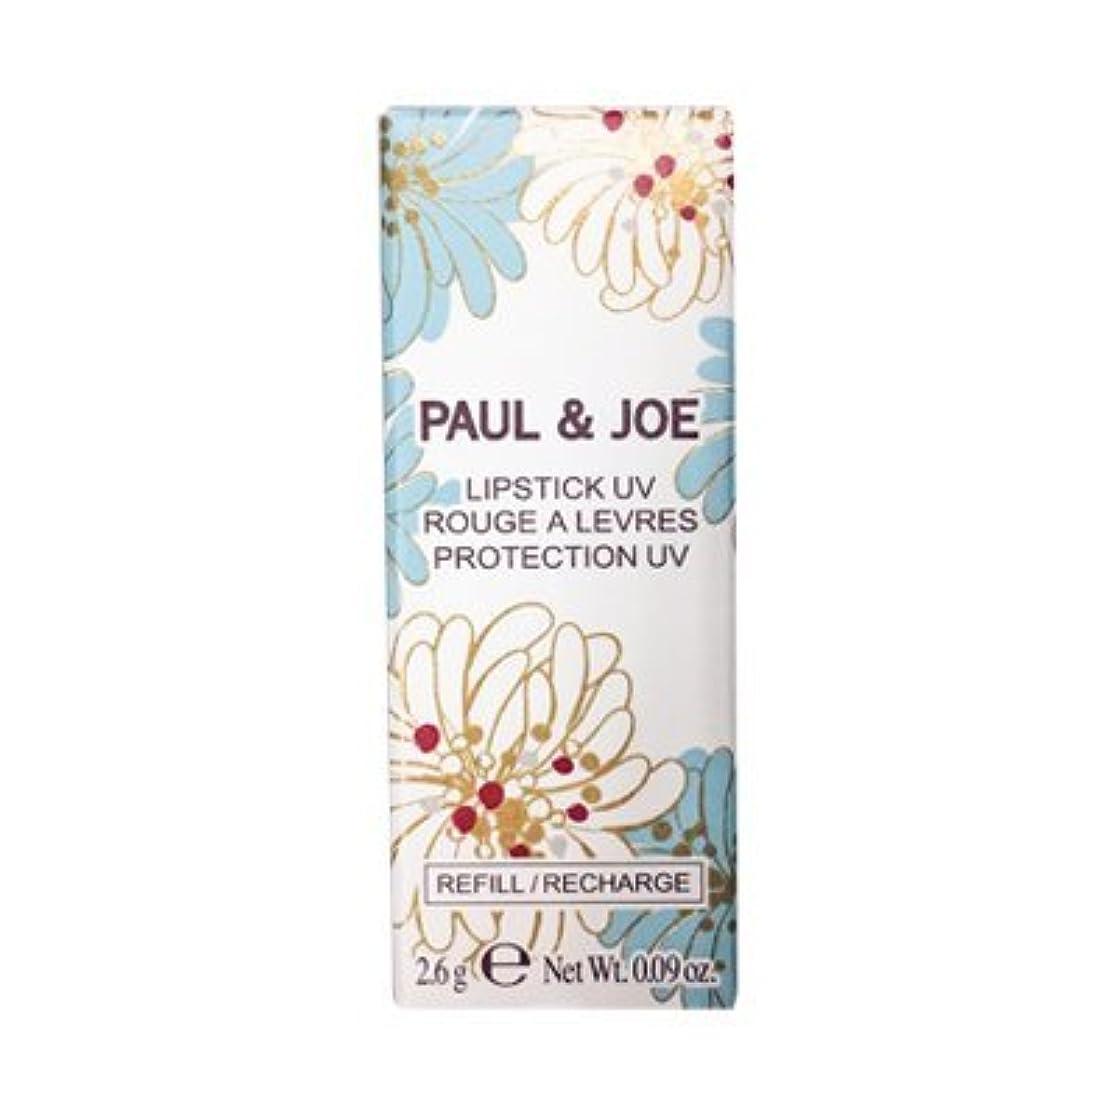 先祖頑張るアークポール & ジョー / PAUL & JOE リップスティック UV (レフィル) #403 [ リップケア ] [並行輸入品]